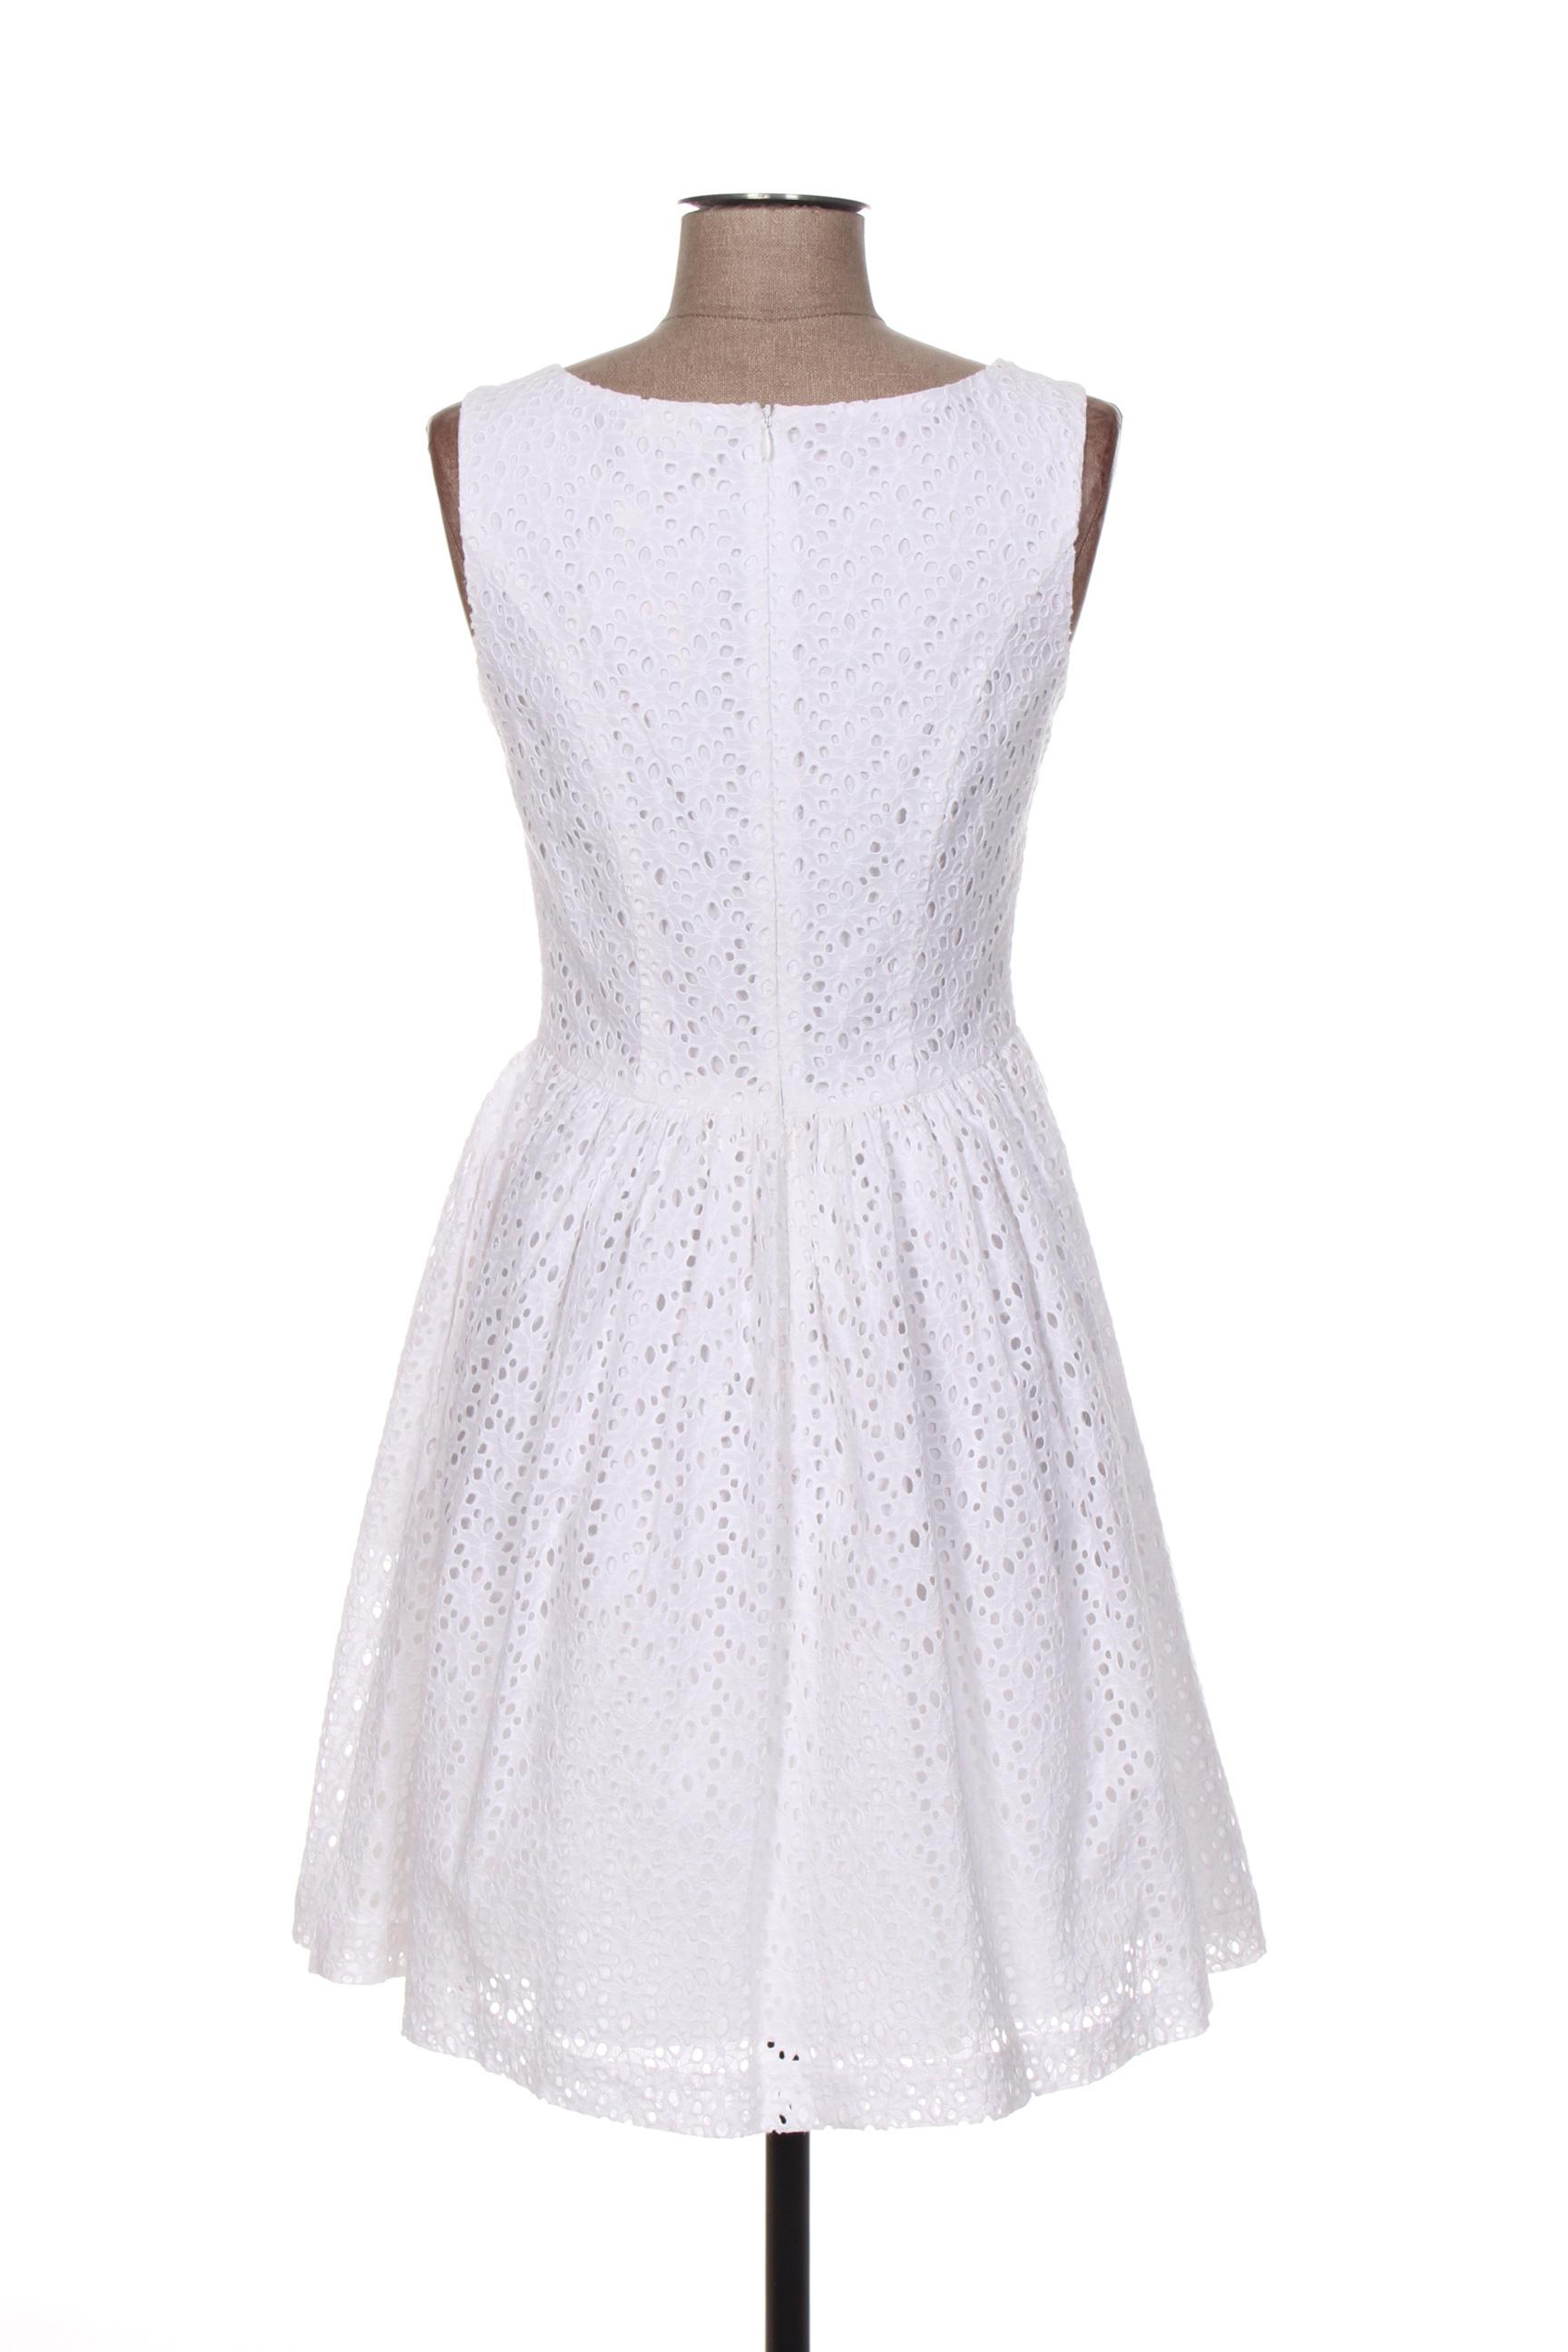 Jumper Fabriken Robes Courtes Femme De Couleur Blanc En Soldes Pas Cher 1270461-blanc0